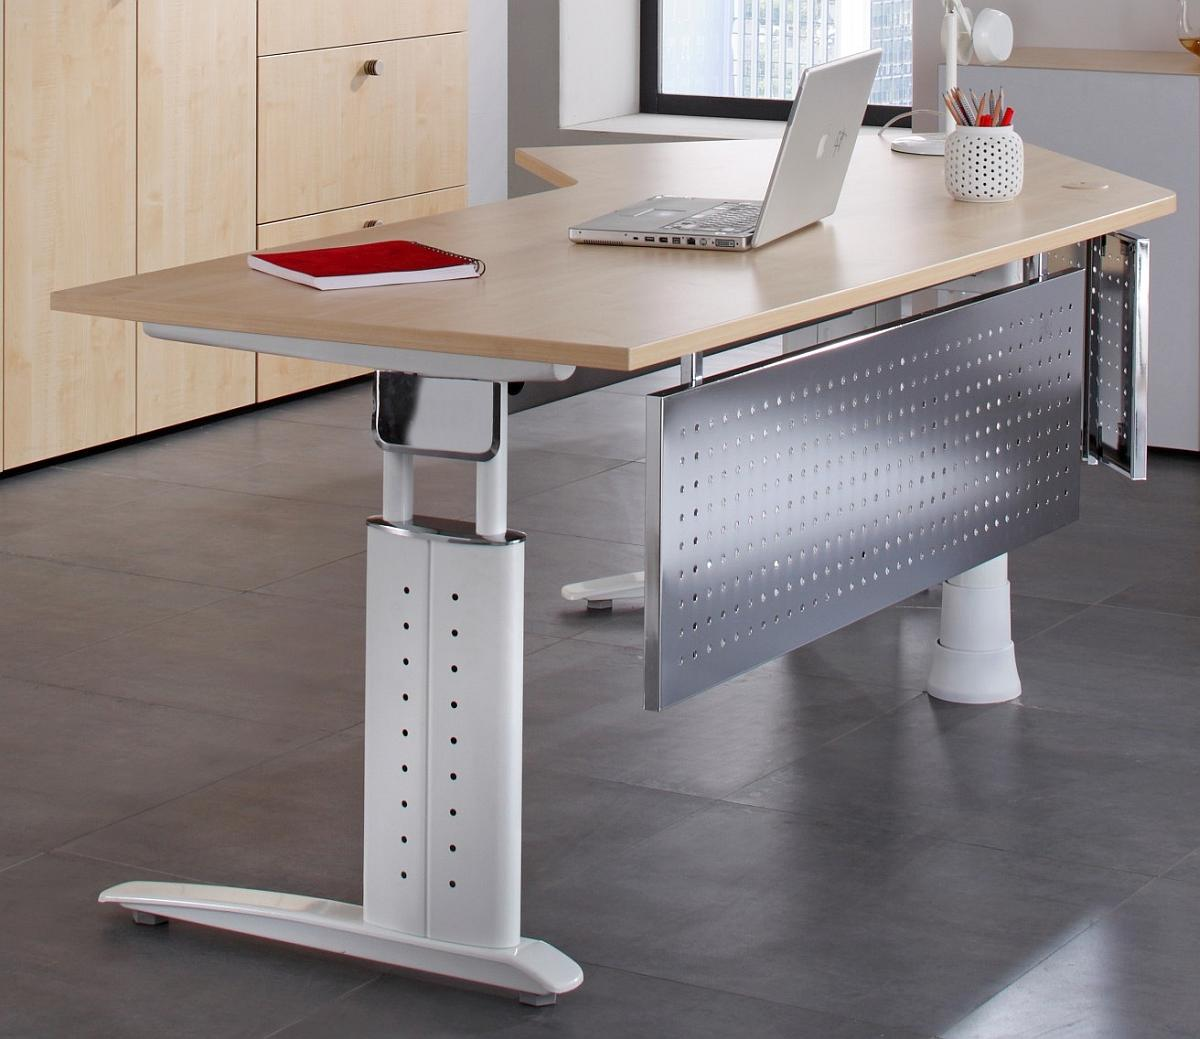 Büromöbel preiswert und schnell - Hammerbacher U Schreibtisch